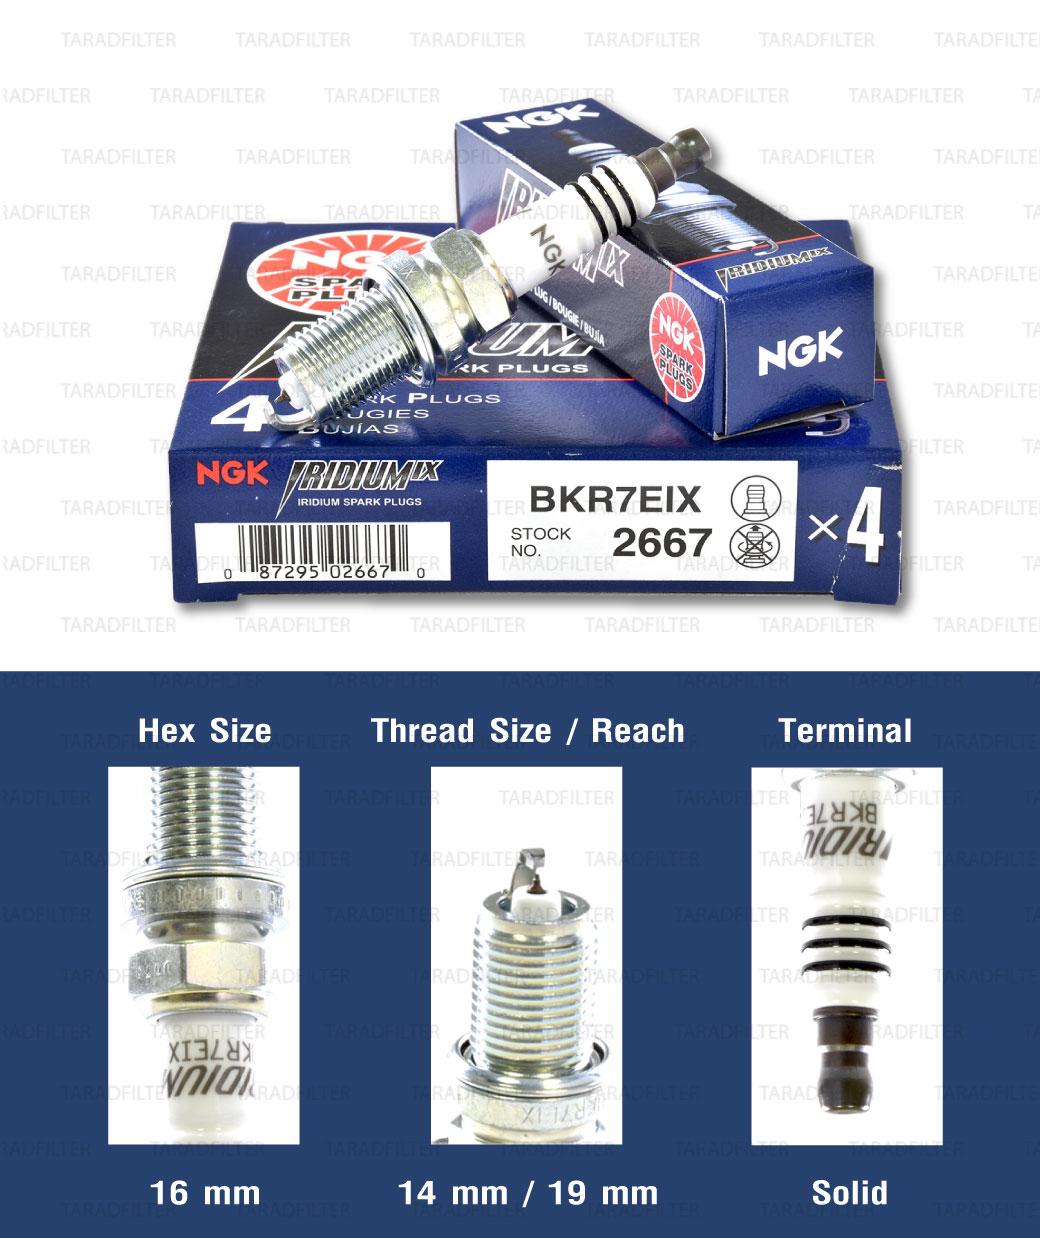 หัวเทียน NGK BKR7EIX ขั้ว Iridium (1 หัว) - Made in Japan